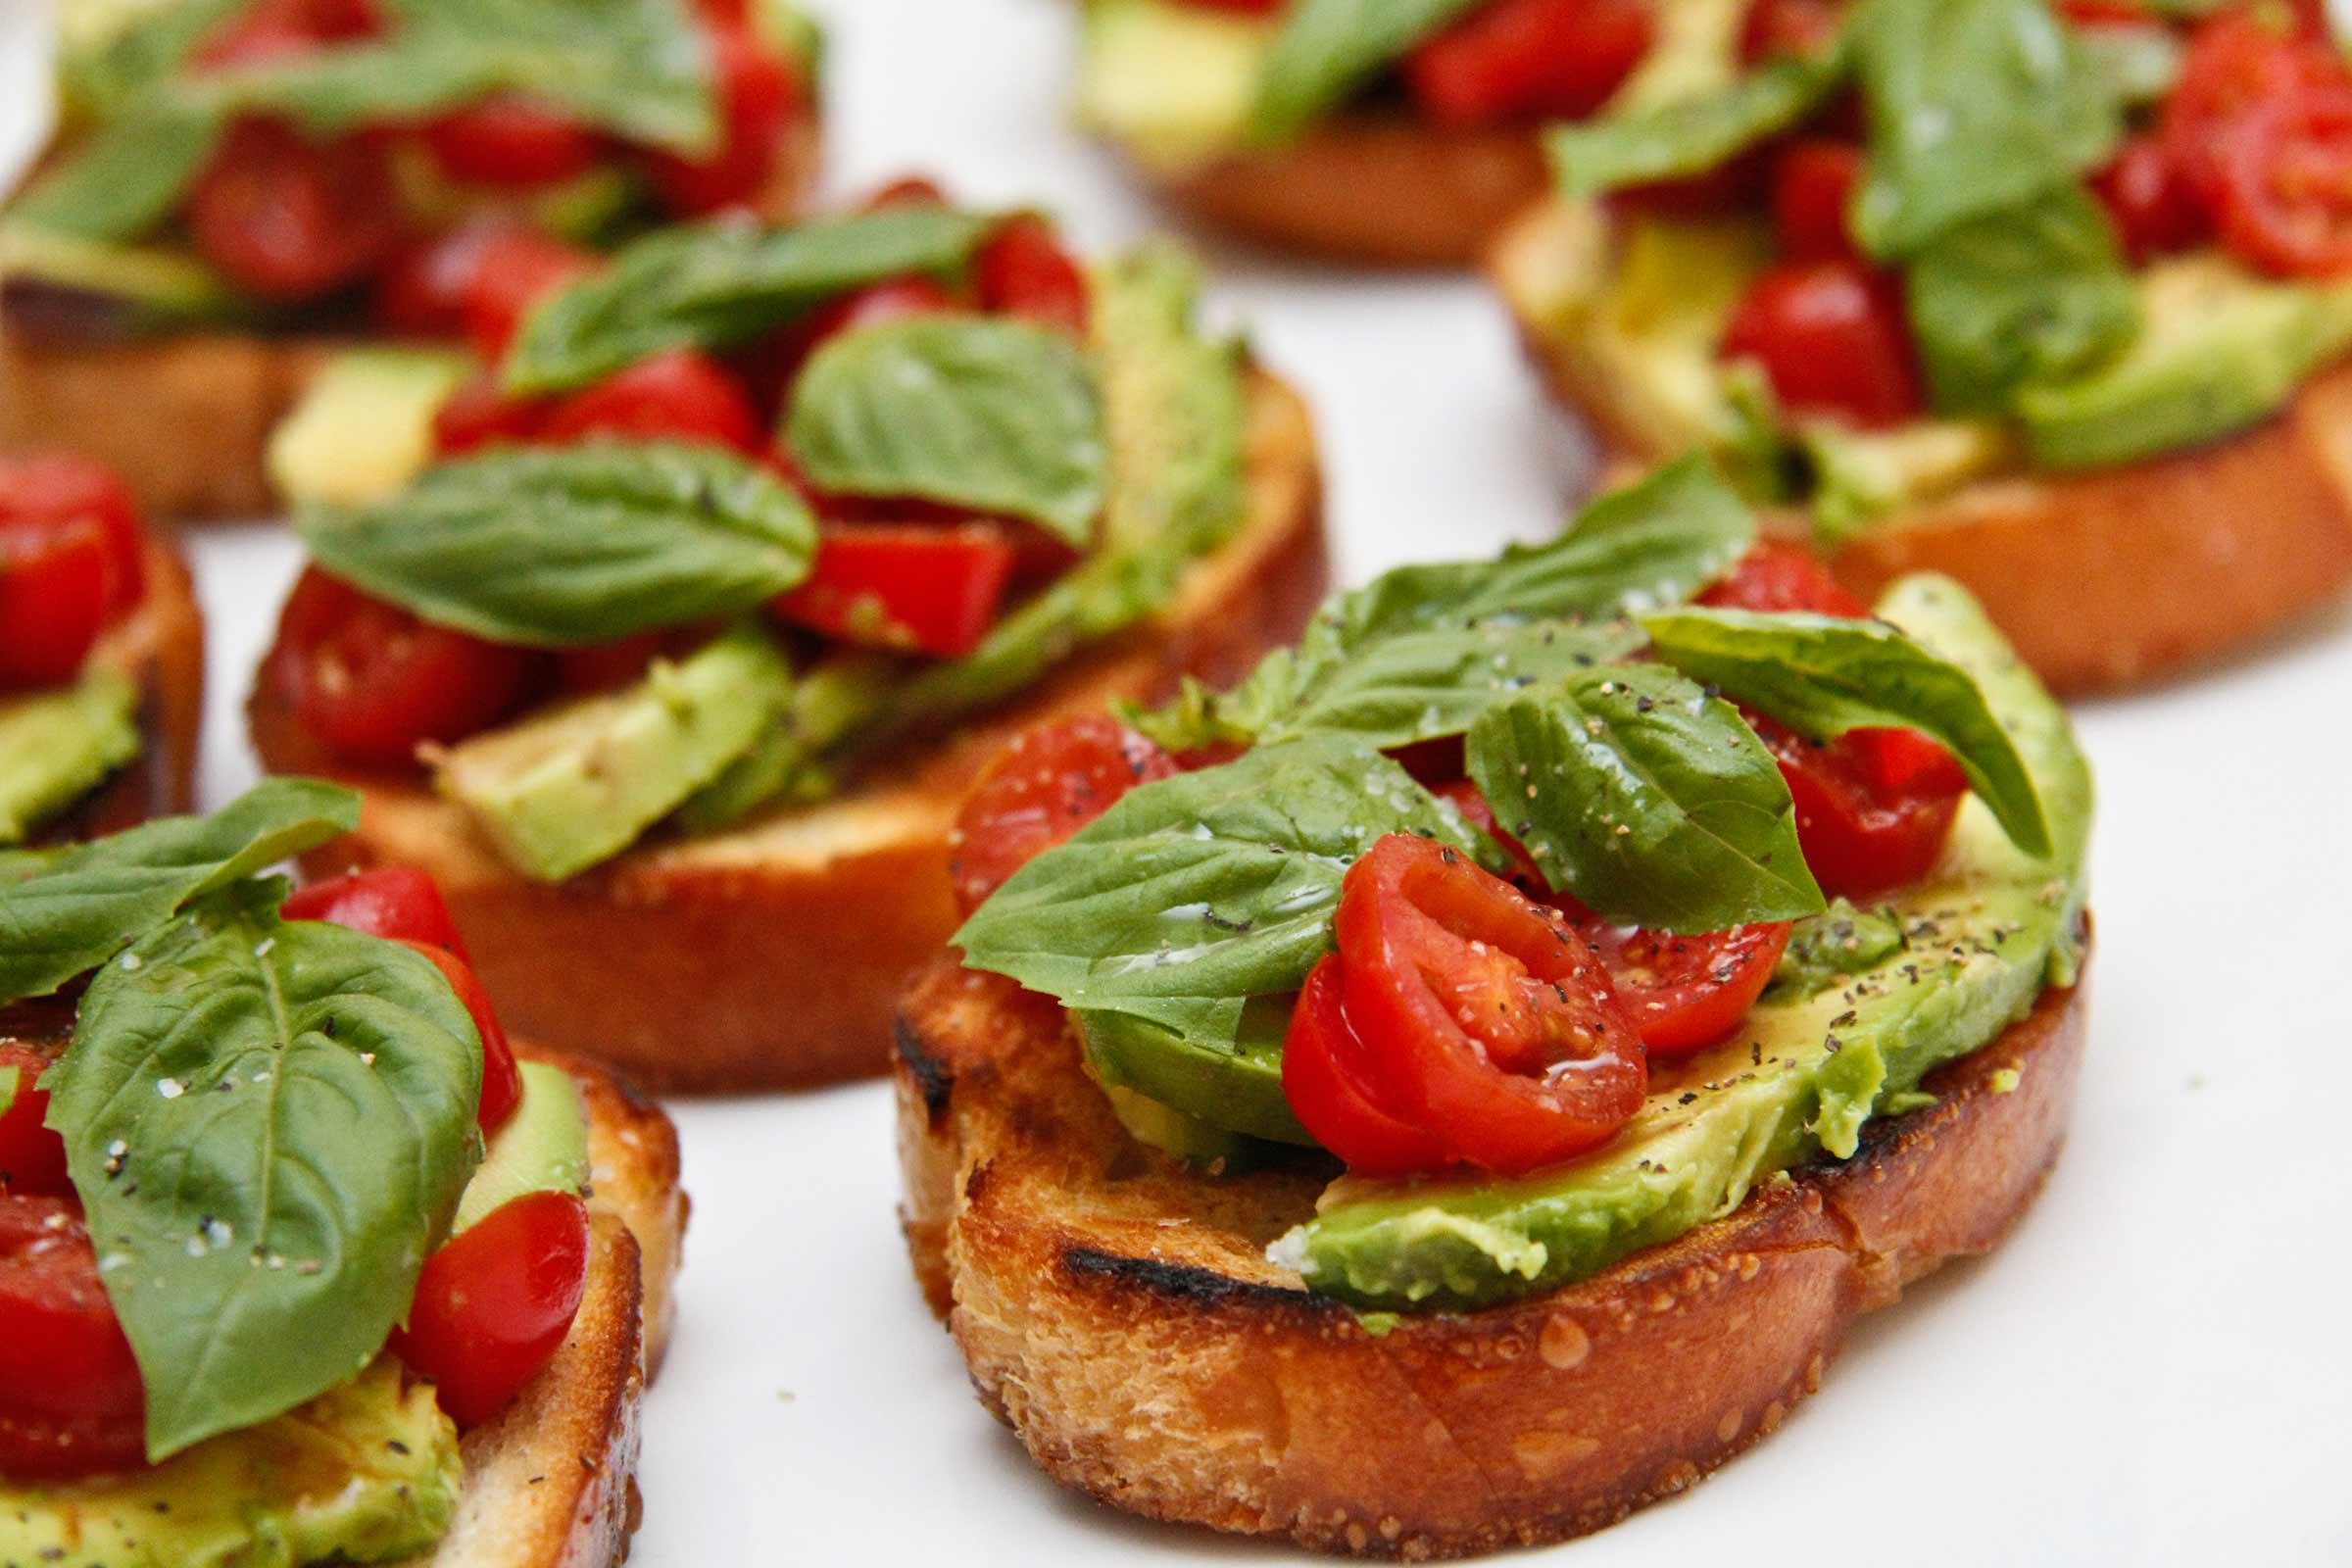 Bruschetta with Tomato and Avocado